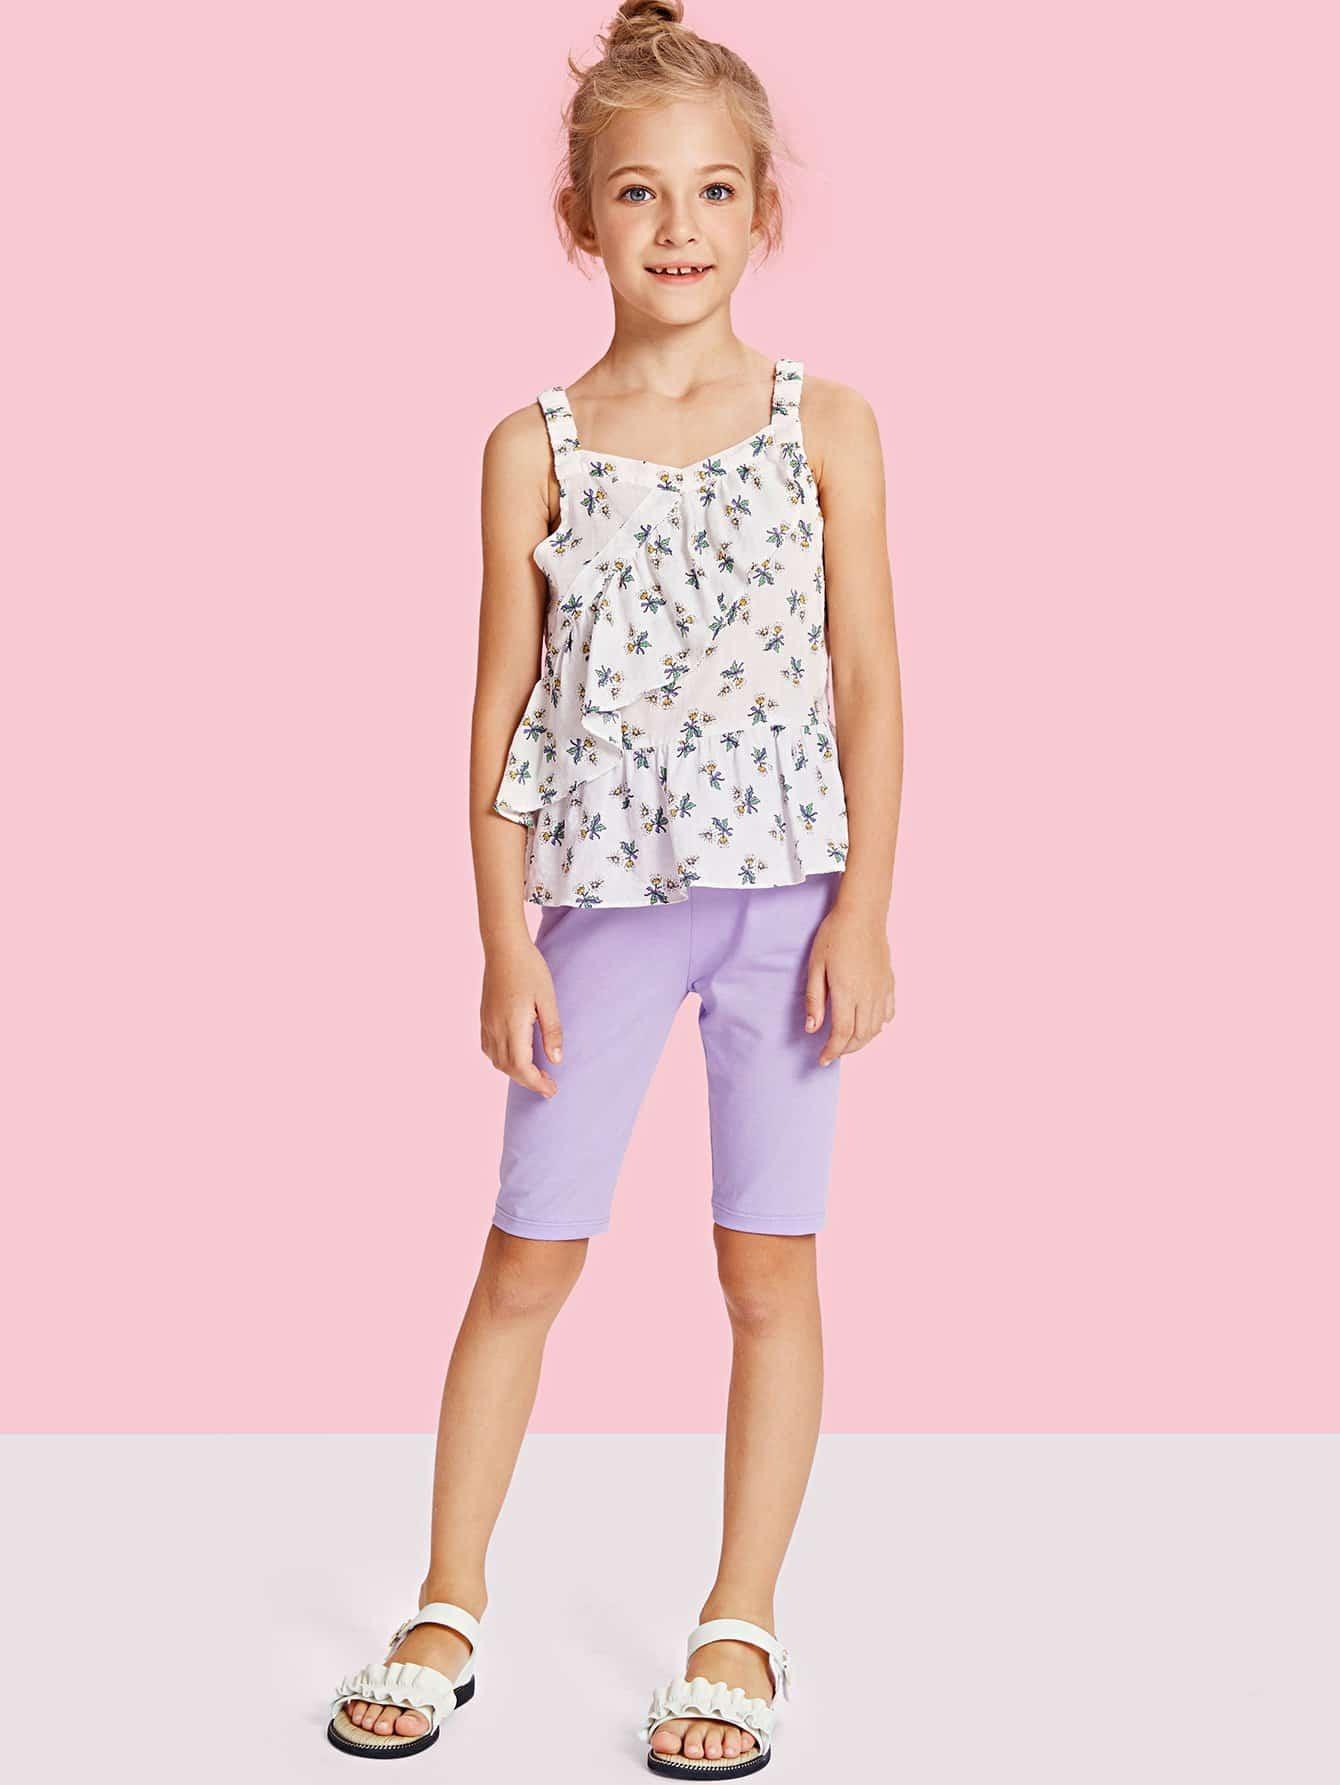 Фото Girls Calico Print Ruffle Trim Top & Solid Pants Set